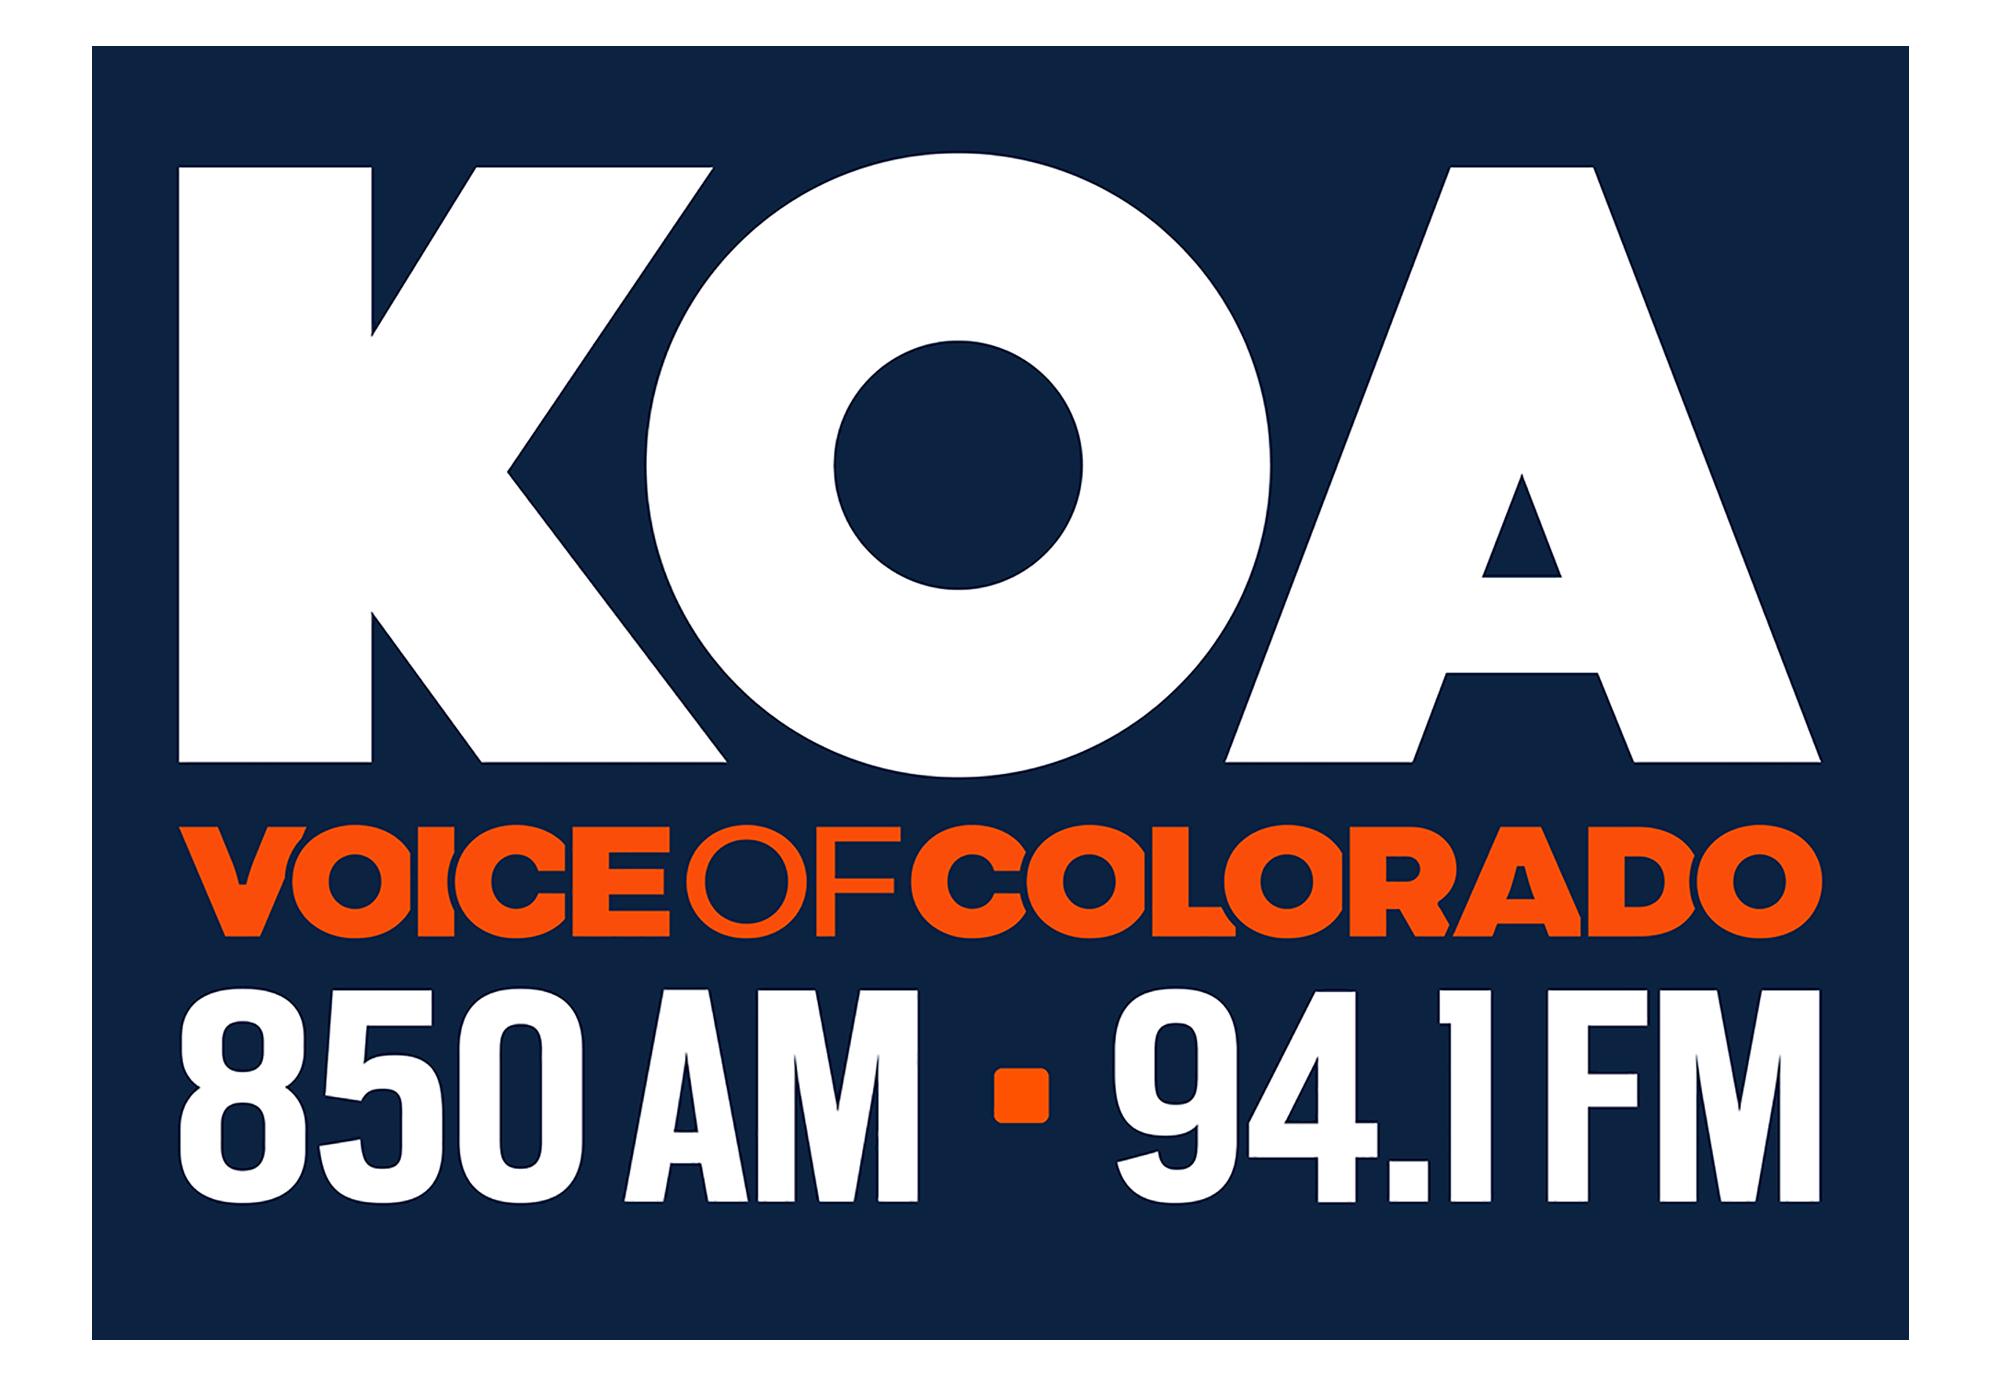 KOA 850 AM & 94.1 FM.